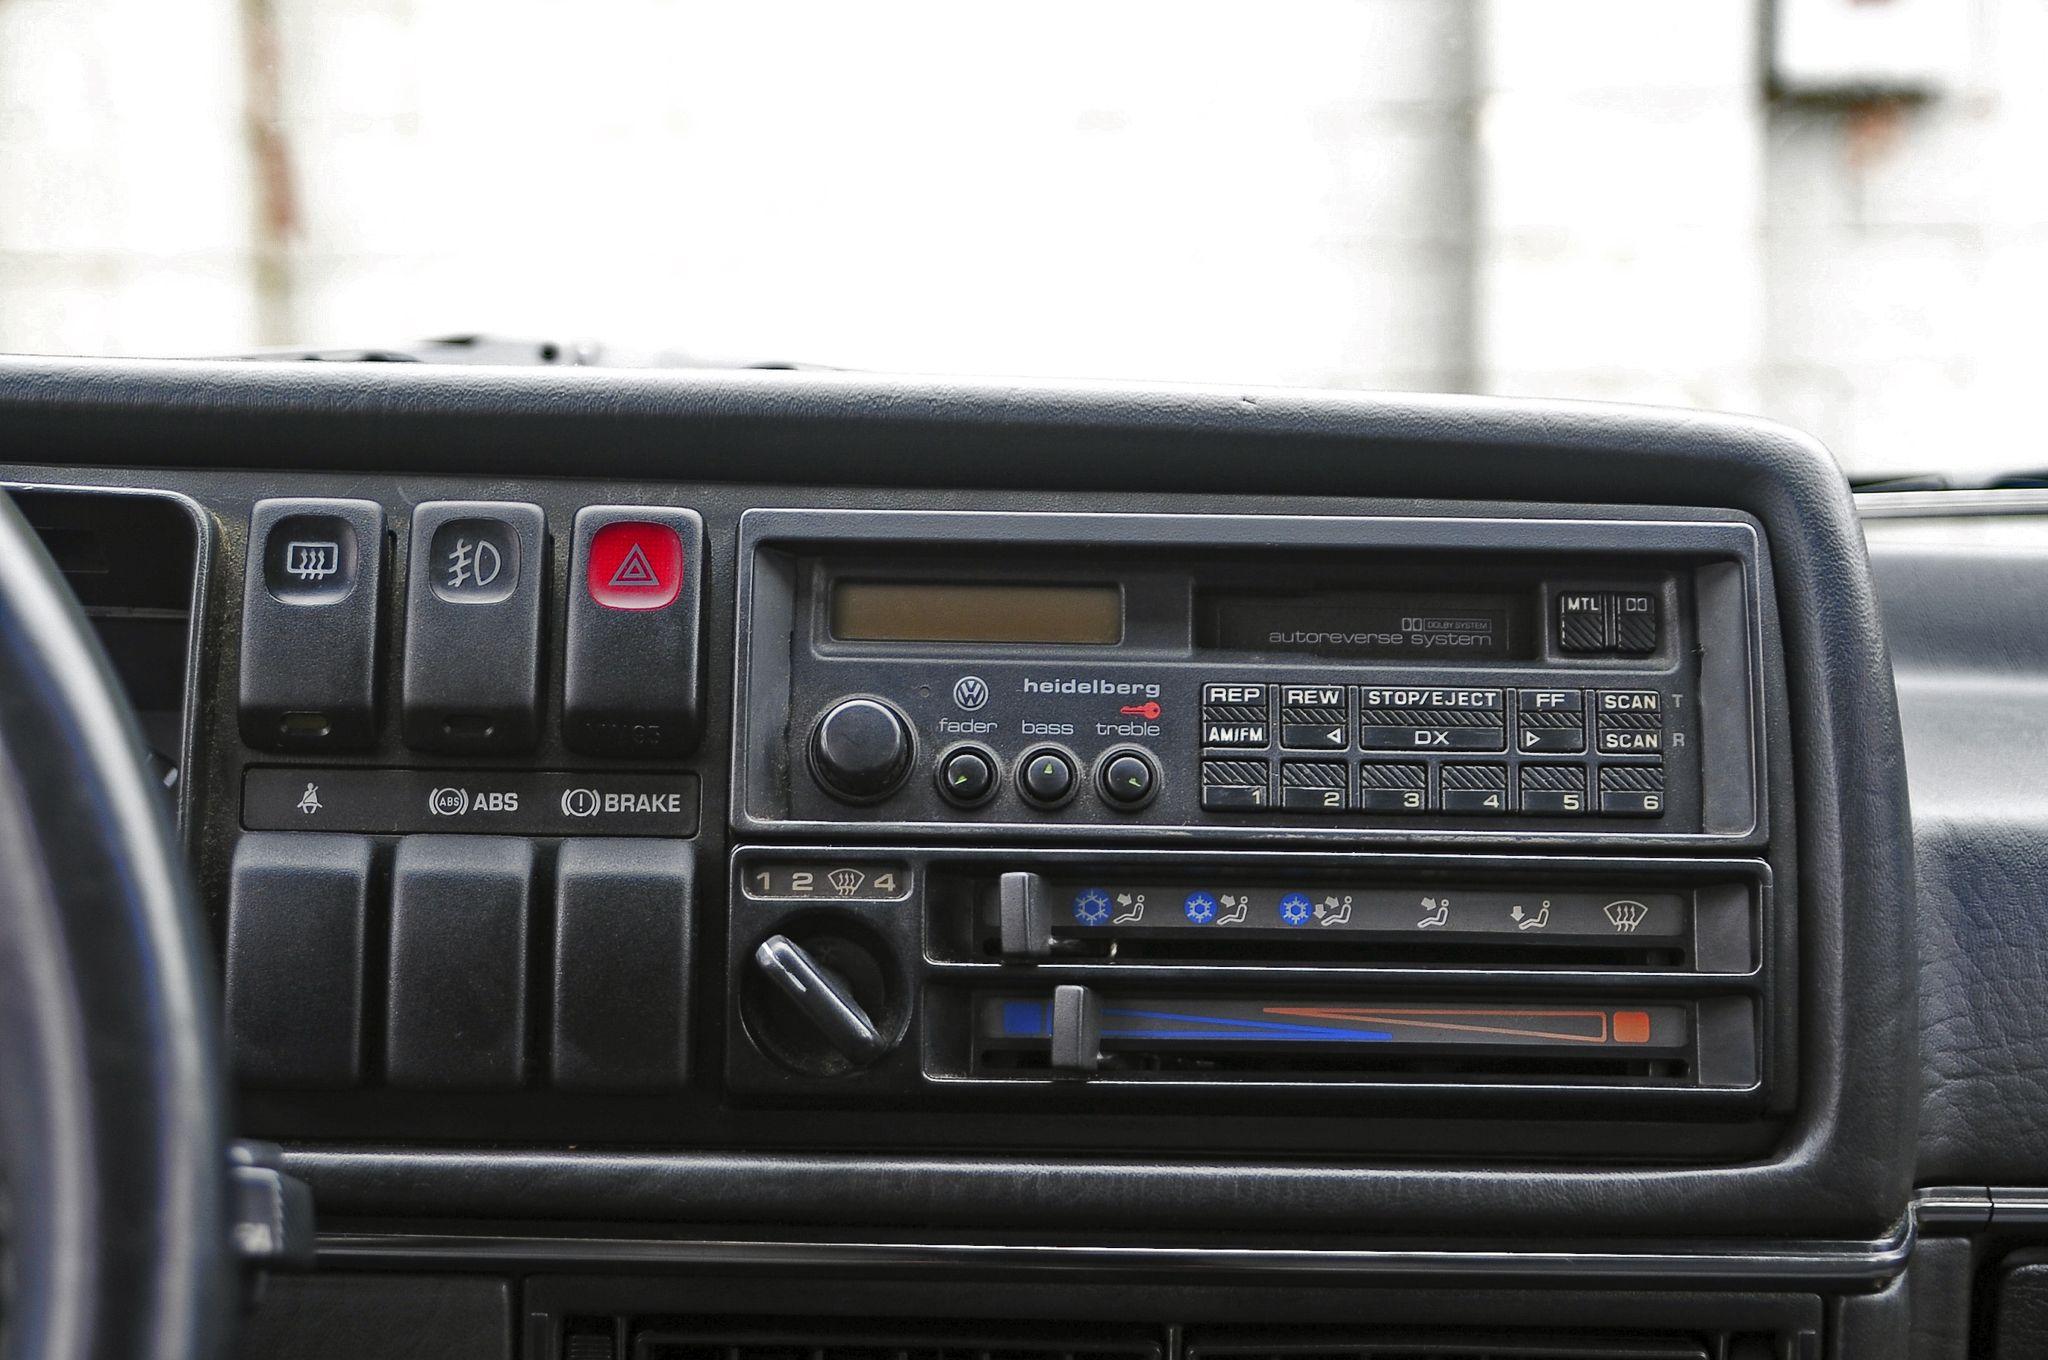 1990 1992 volkswagen jetta gli [ 2048 x 1360 Pixel ]